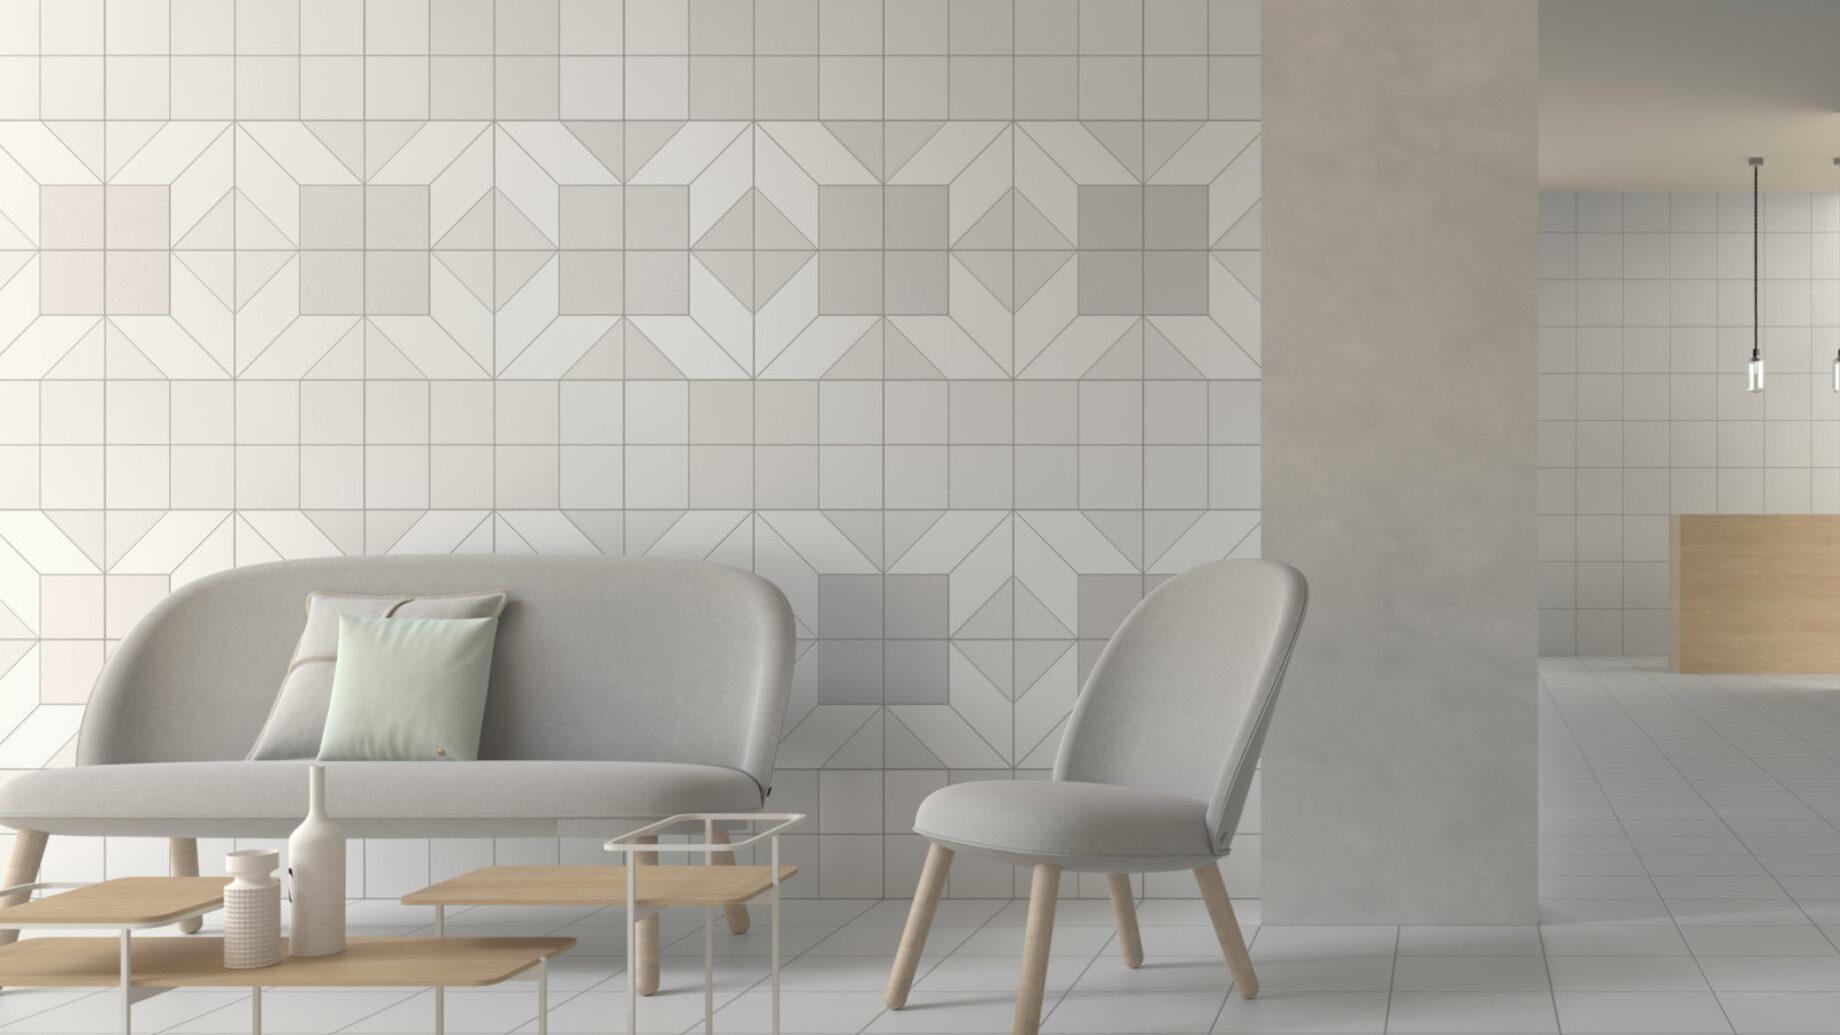 5 Ways Tiles Can Make an Impact